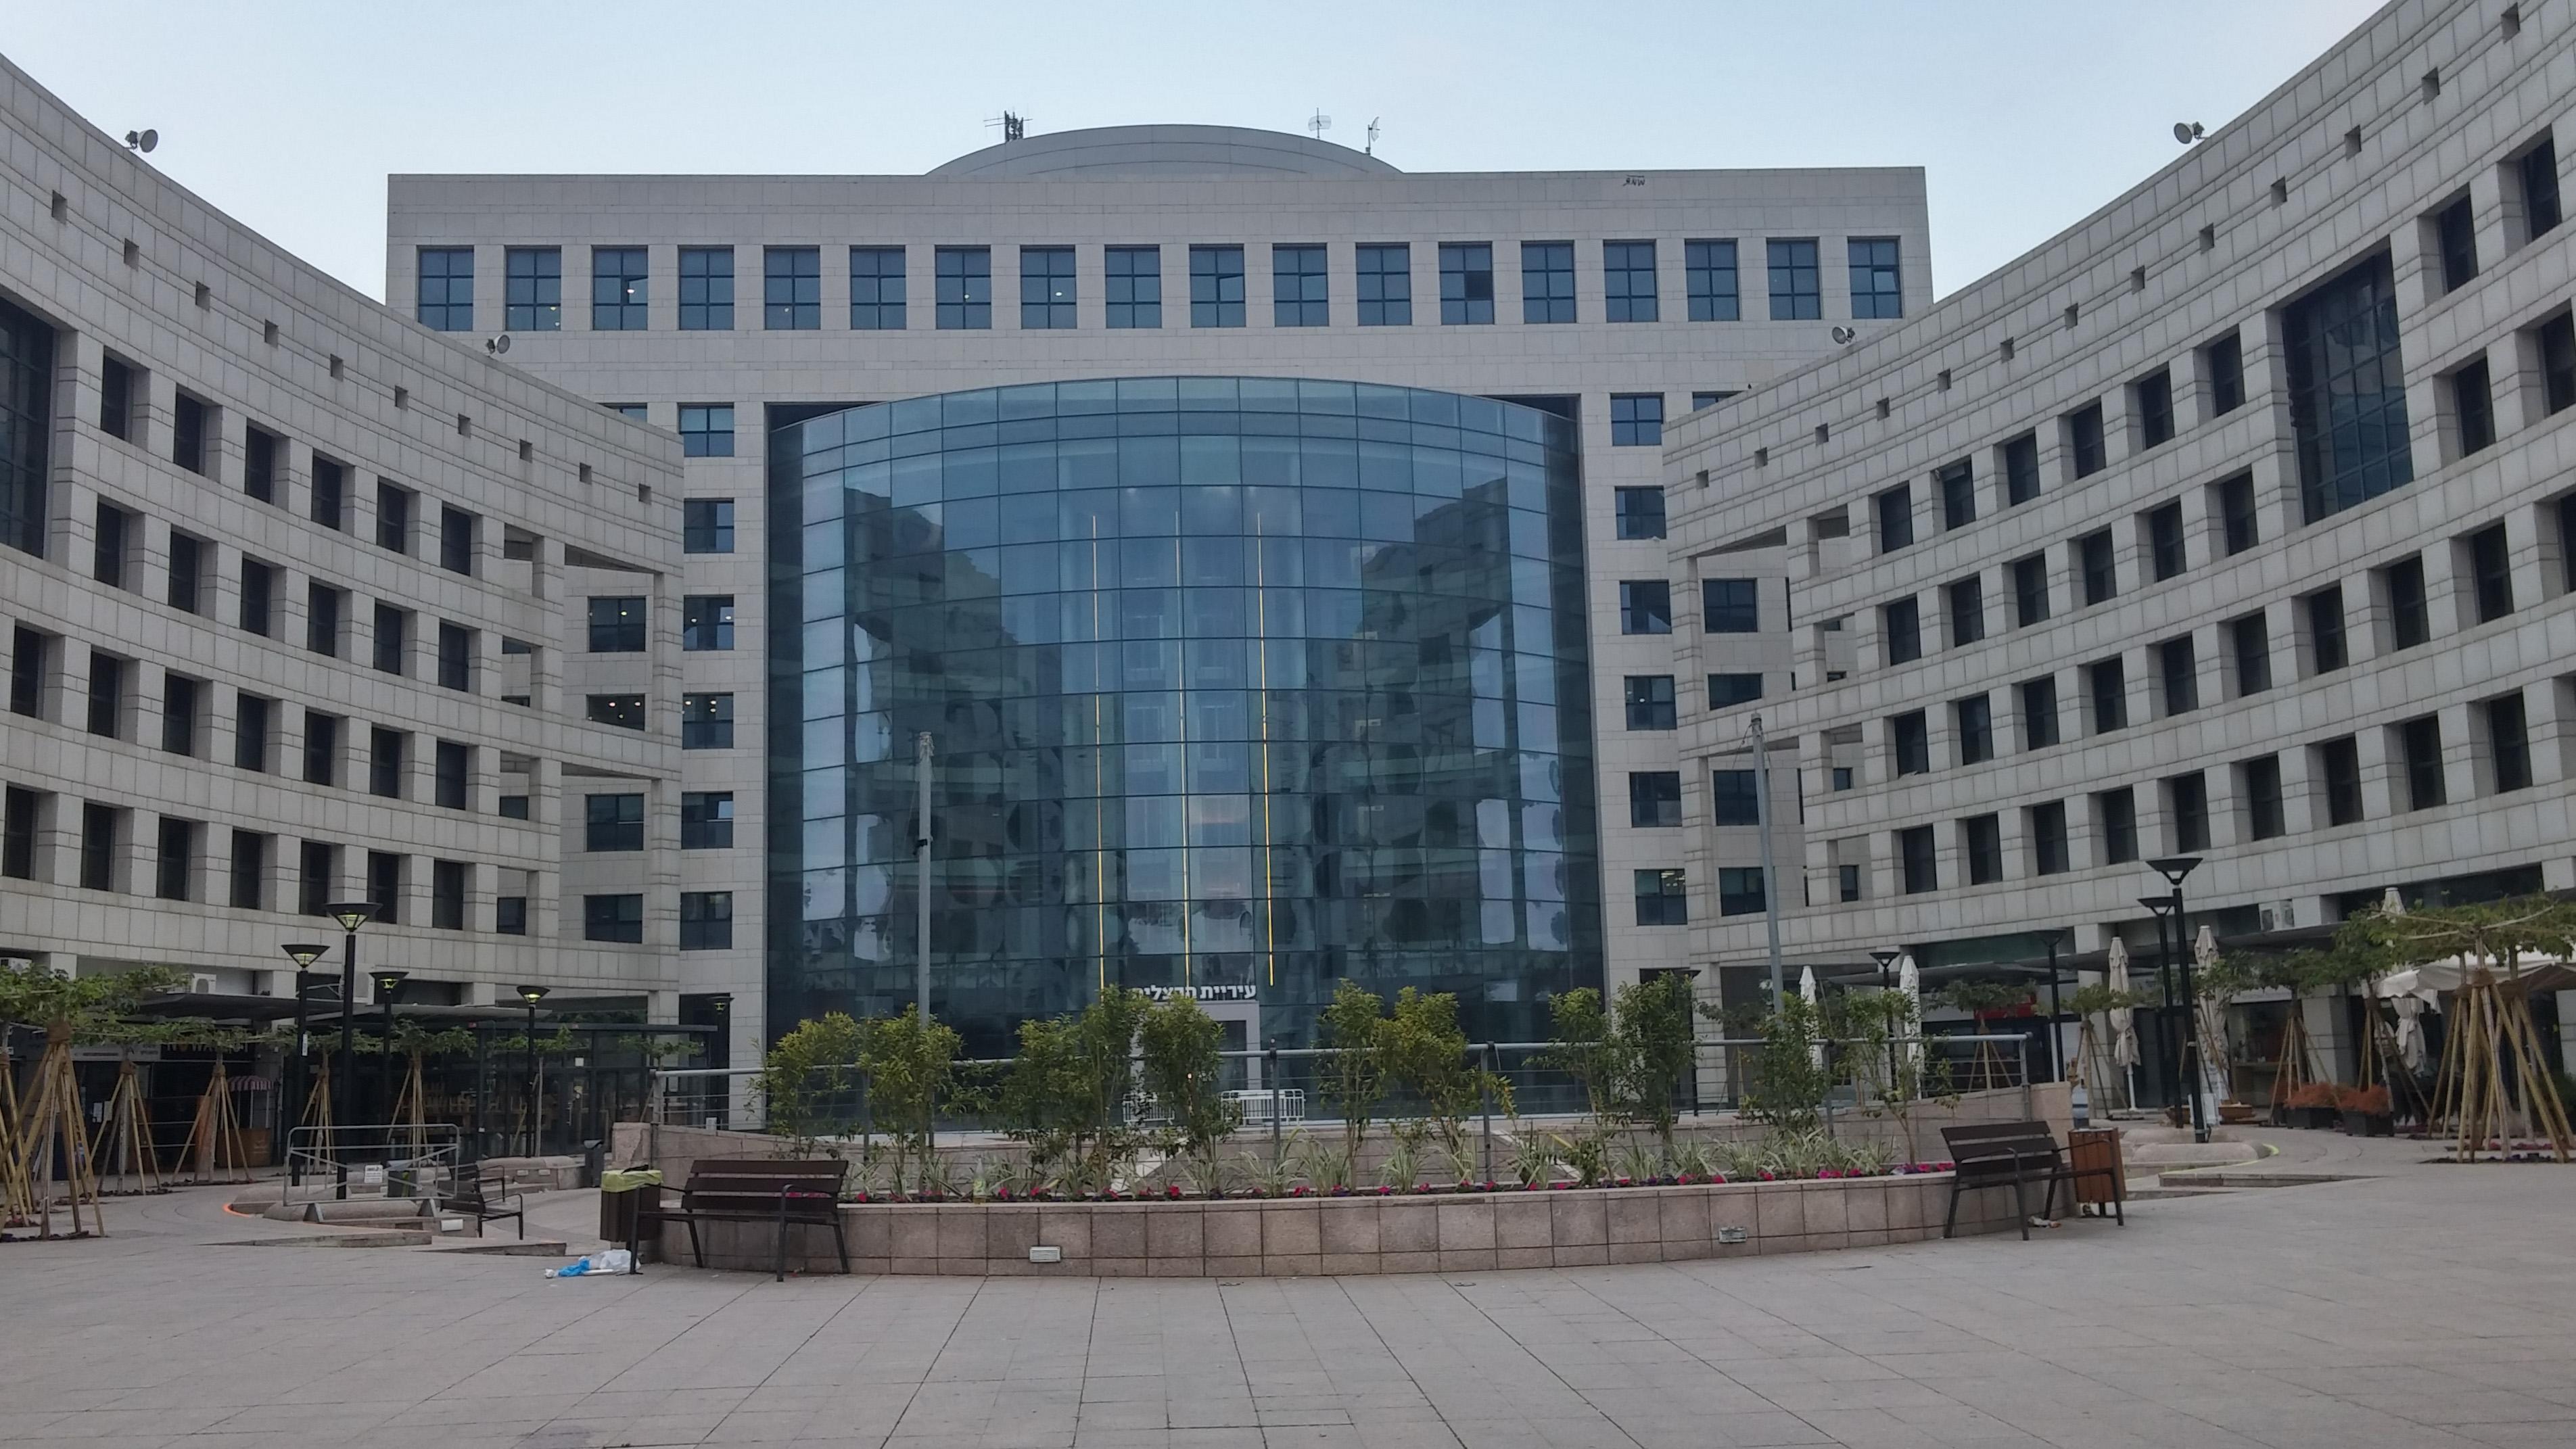 הגדול שדרות בן גוריון (הרצליה) – ויקיפדיה WP-41